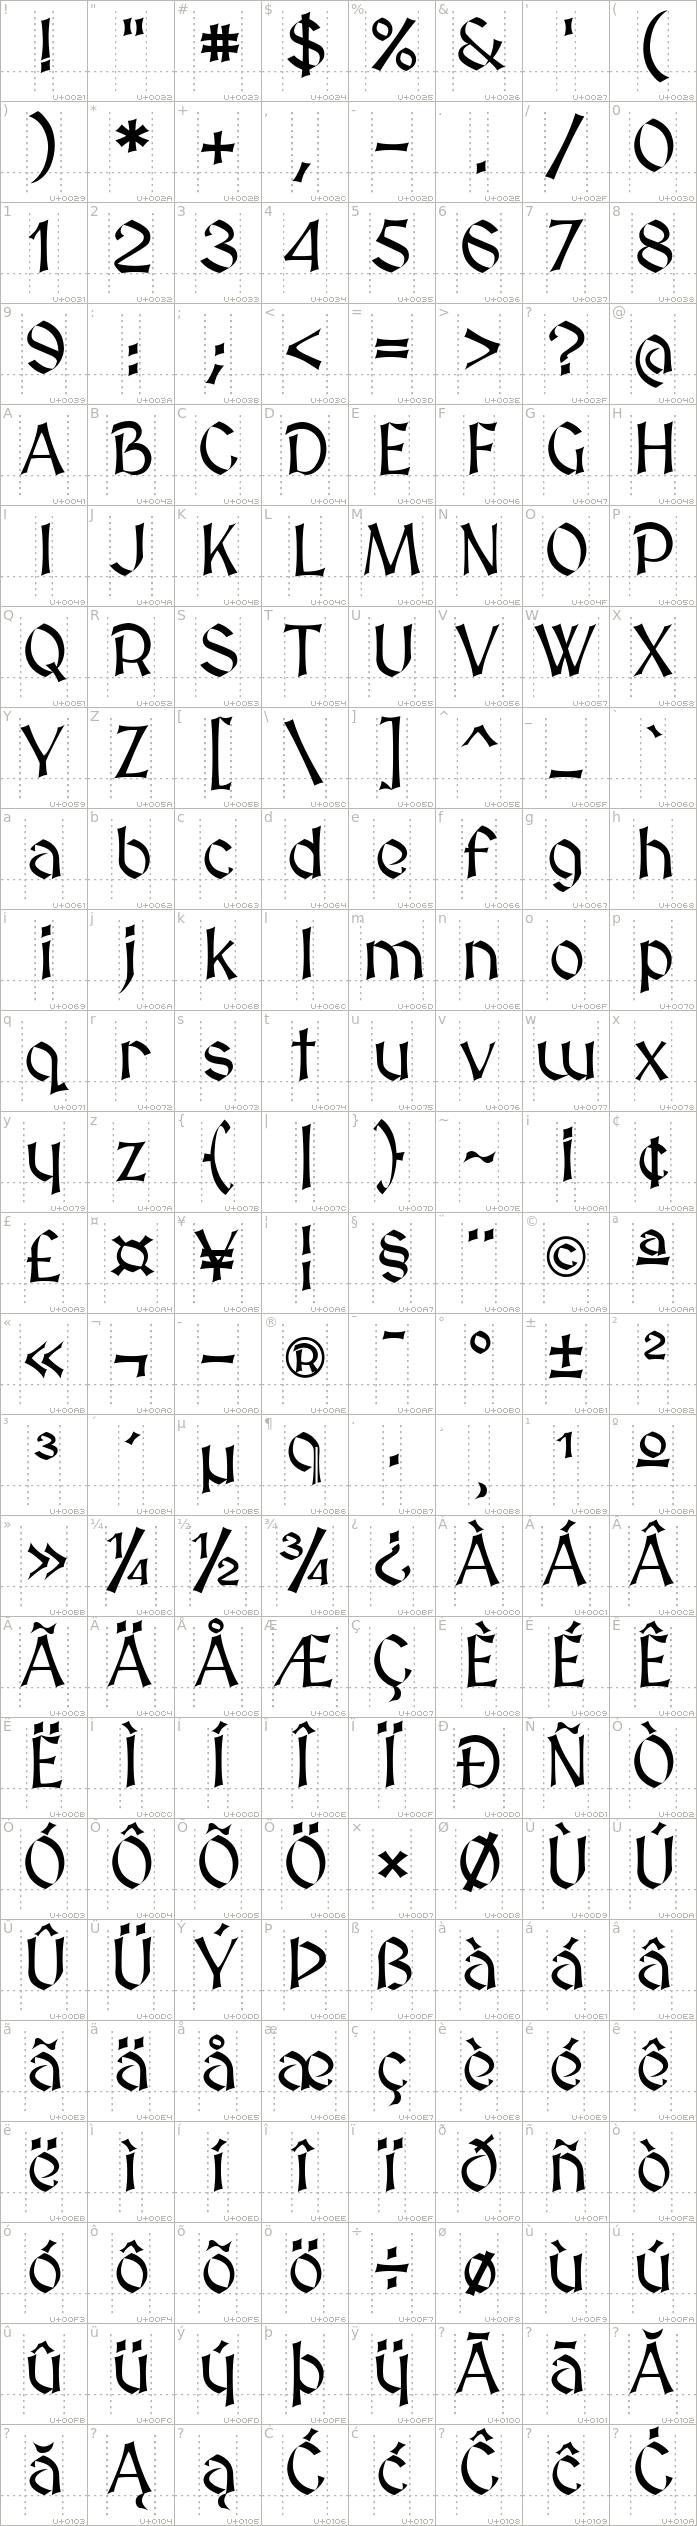 medievalsharp.regular.character-map-1